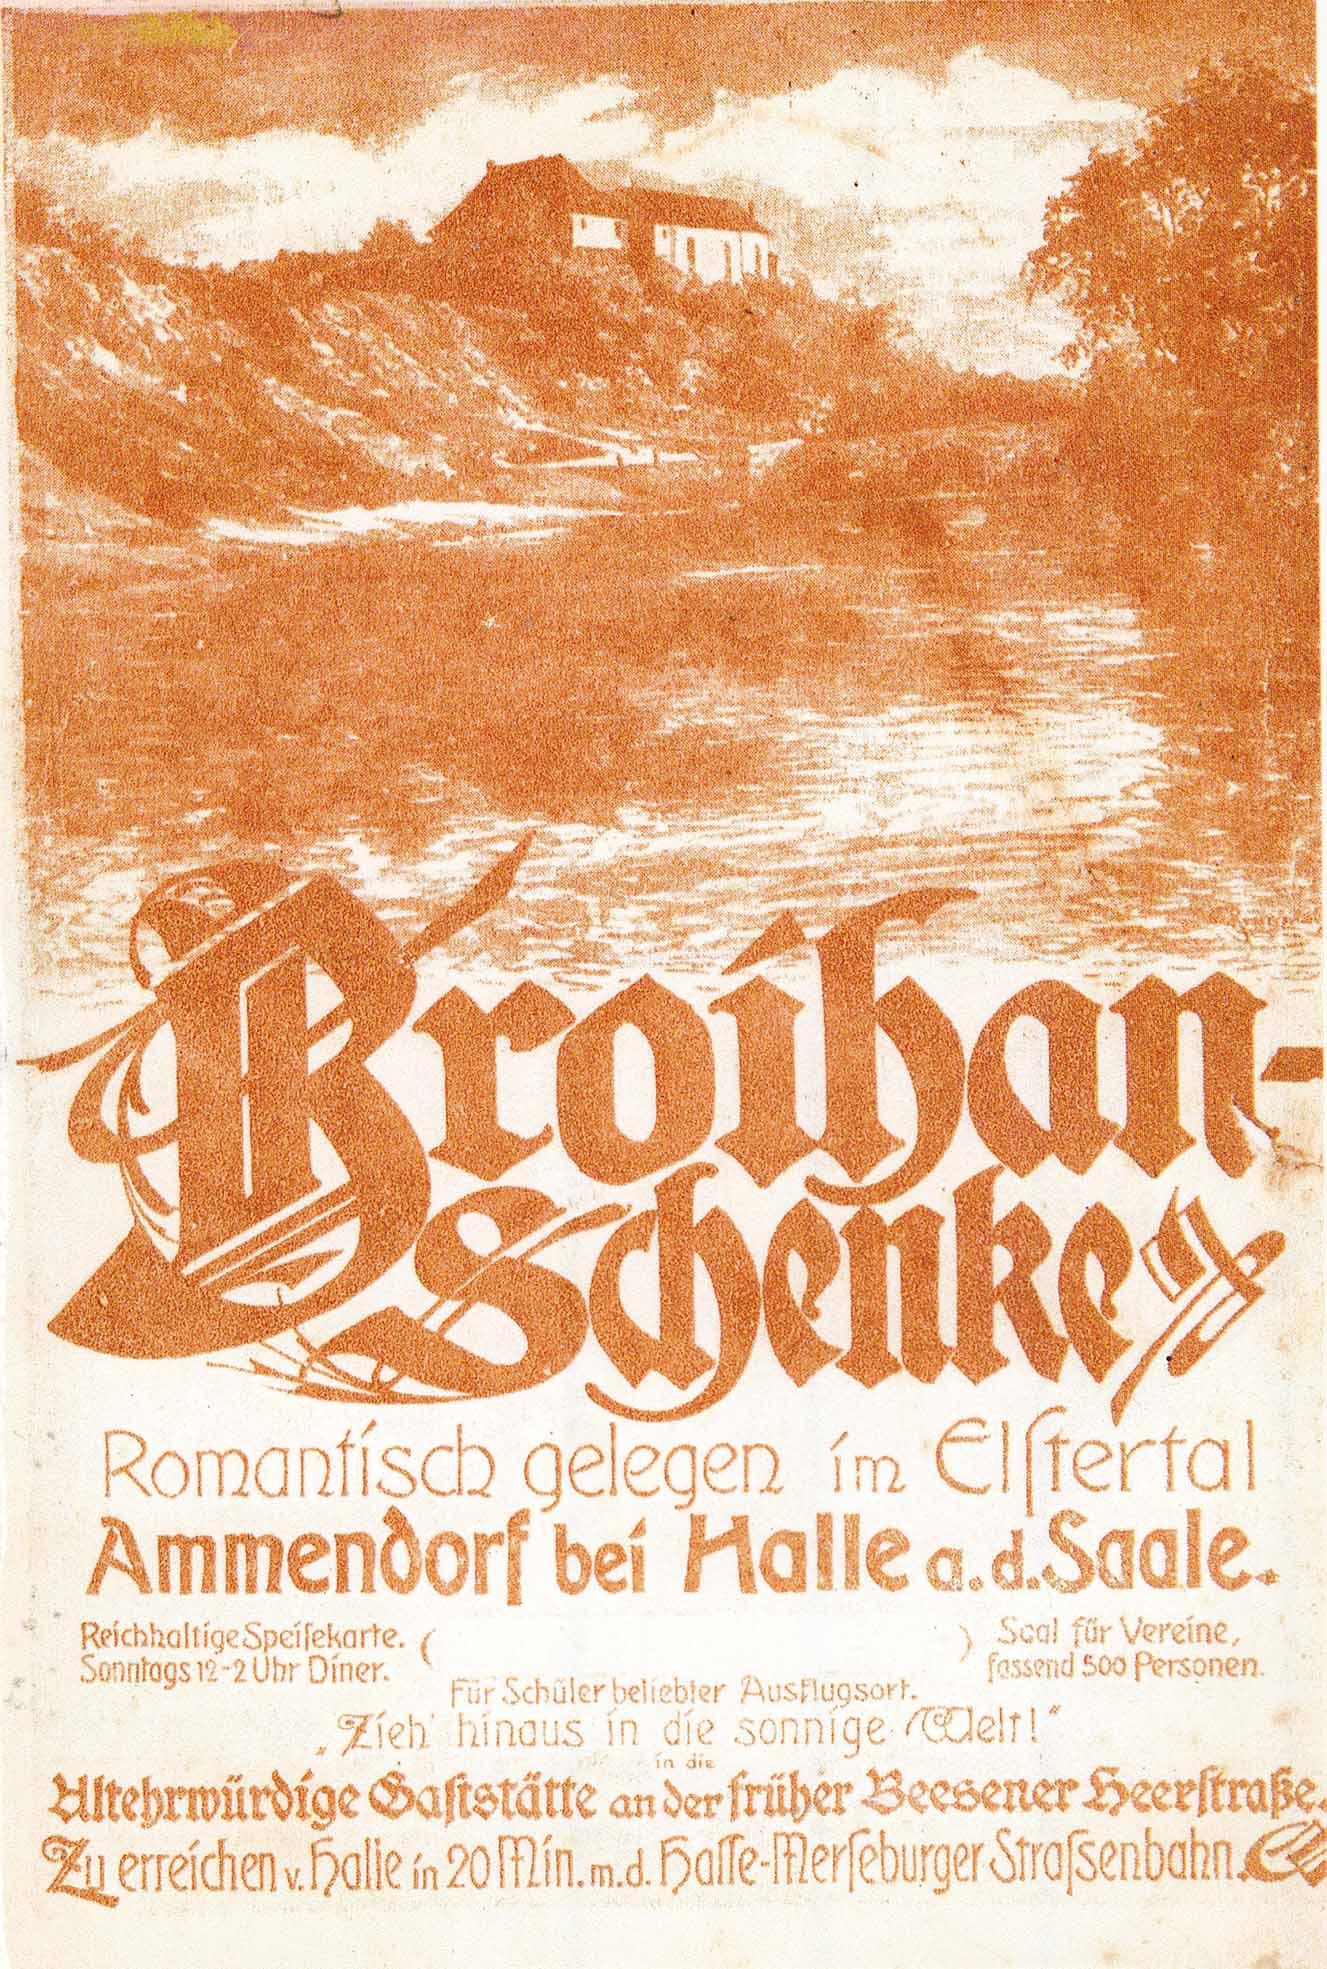 Broihan-Schenke Heinichen, Romantisch gelegen im Elstertal.